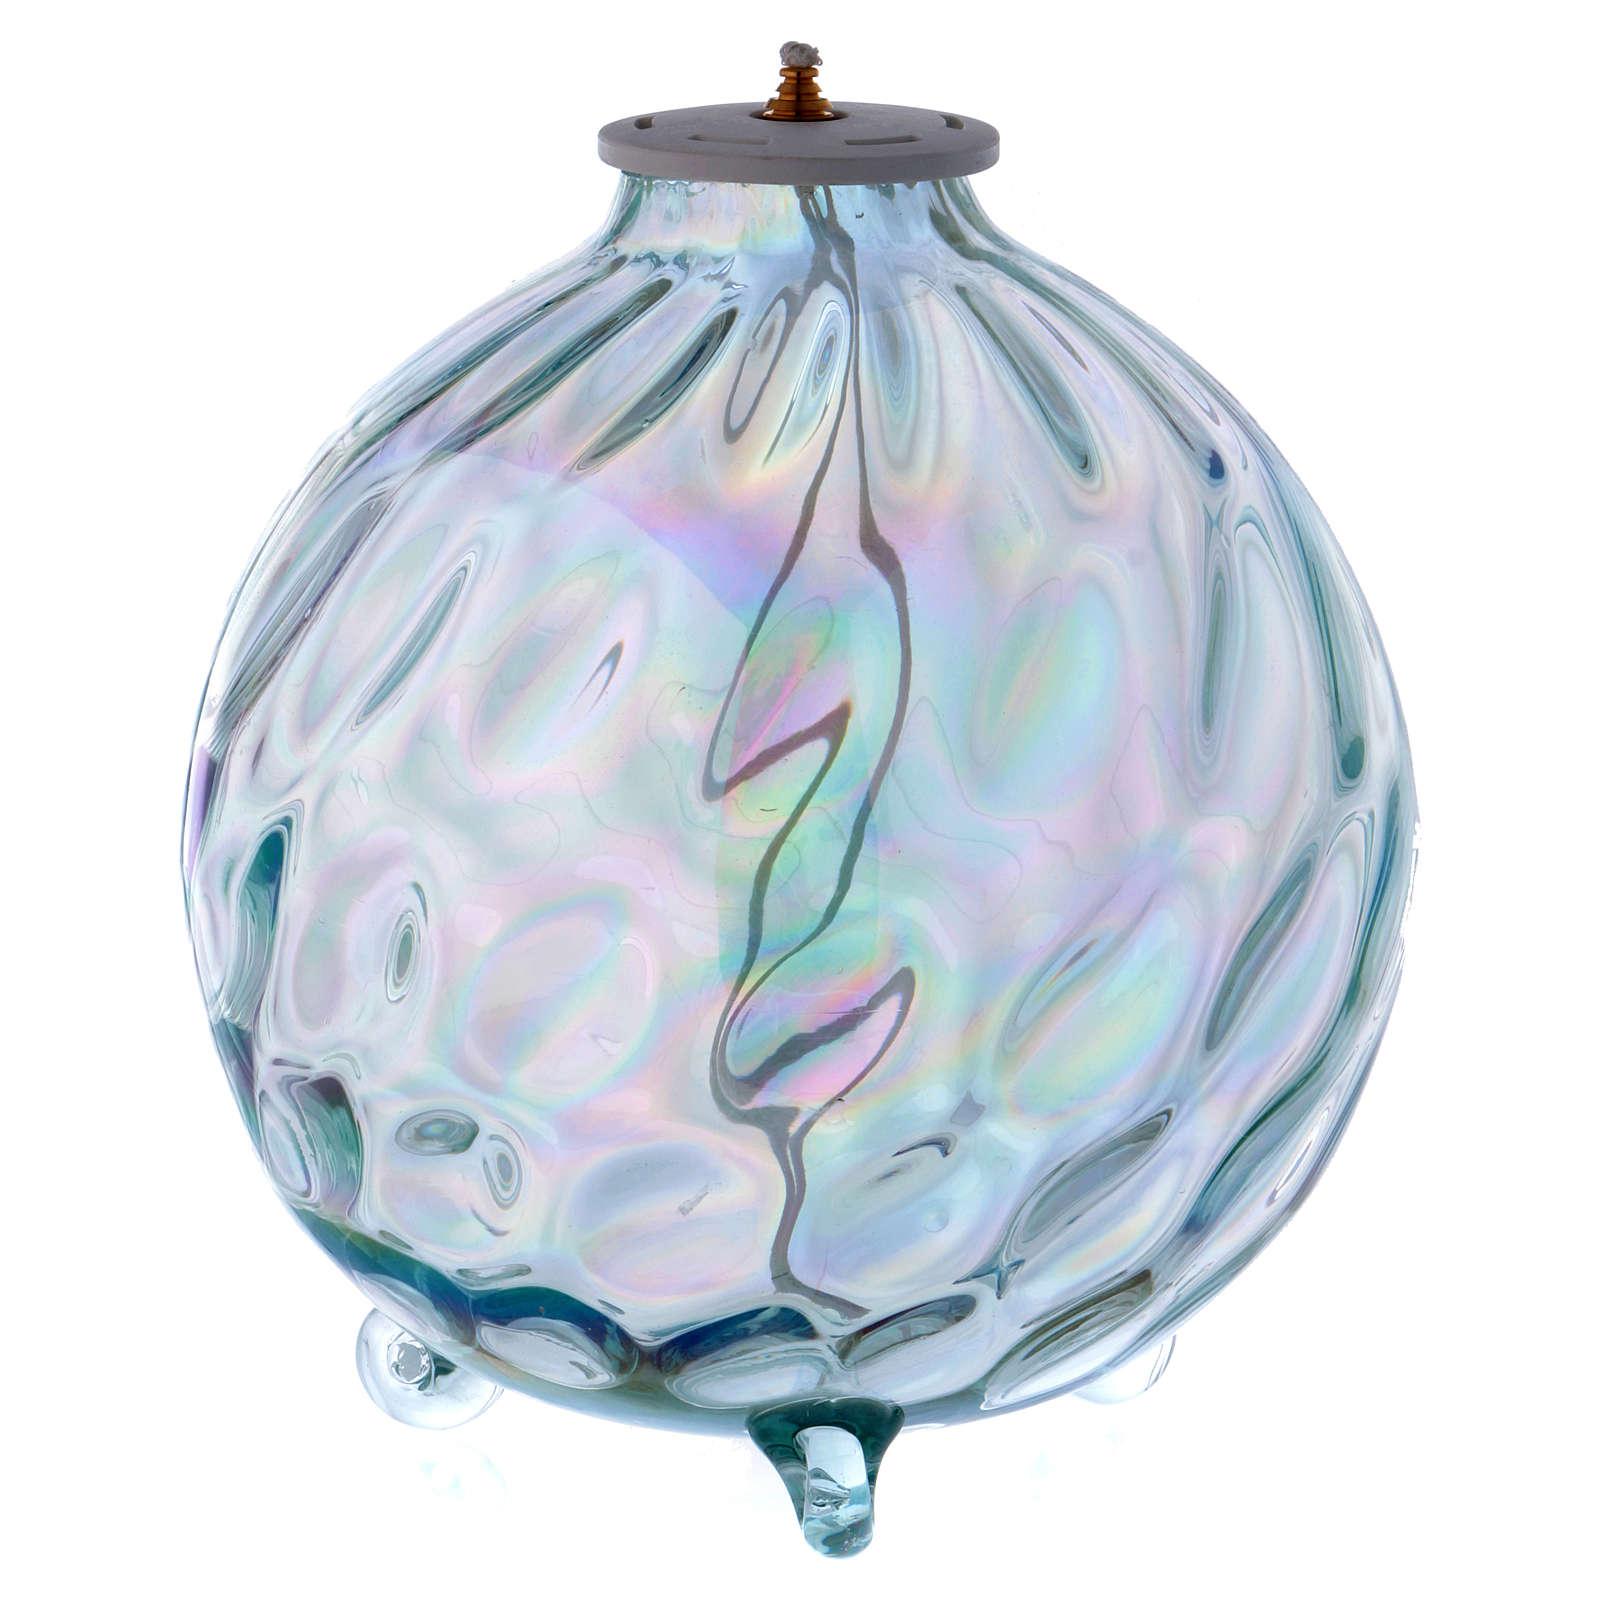 Lampe sphérique cristal à cire liquide 3